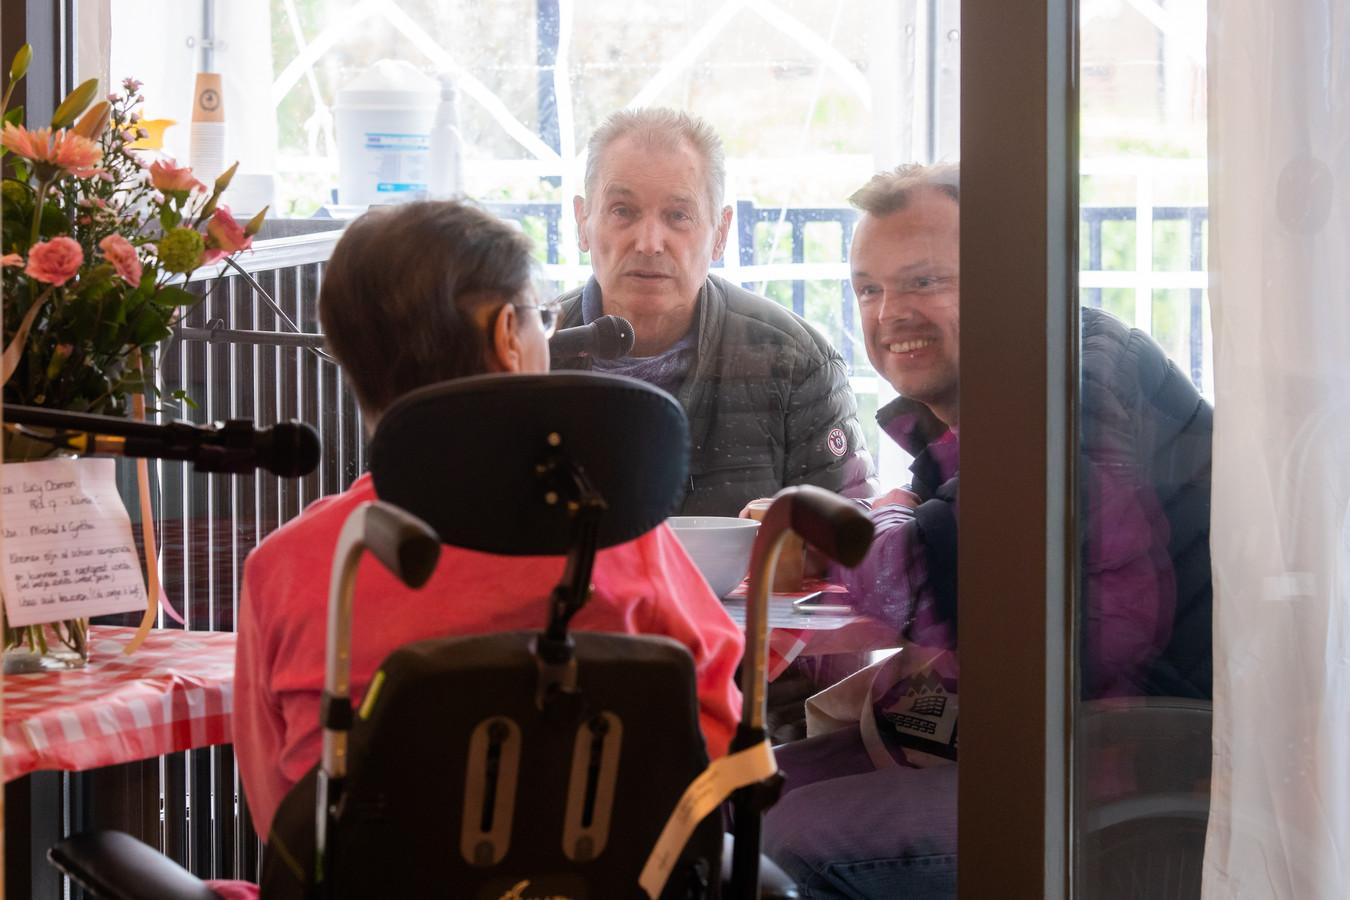 Jan en Michel Oomen bezoeken vanuit de tent Lucy Oomen. Met microfoons kunnen ze communiceren met glas ertussen.